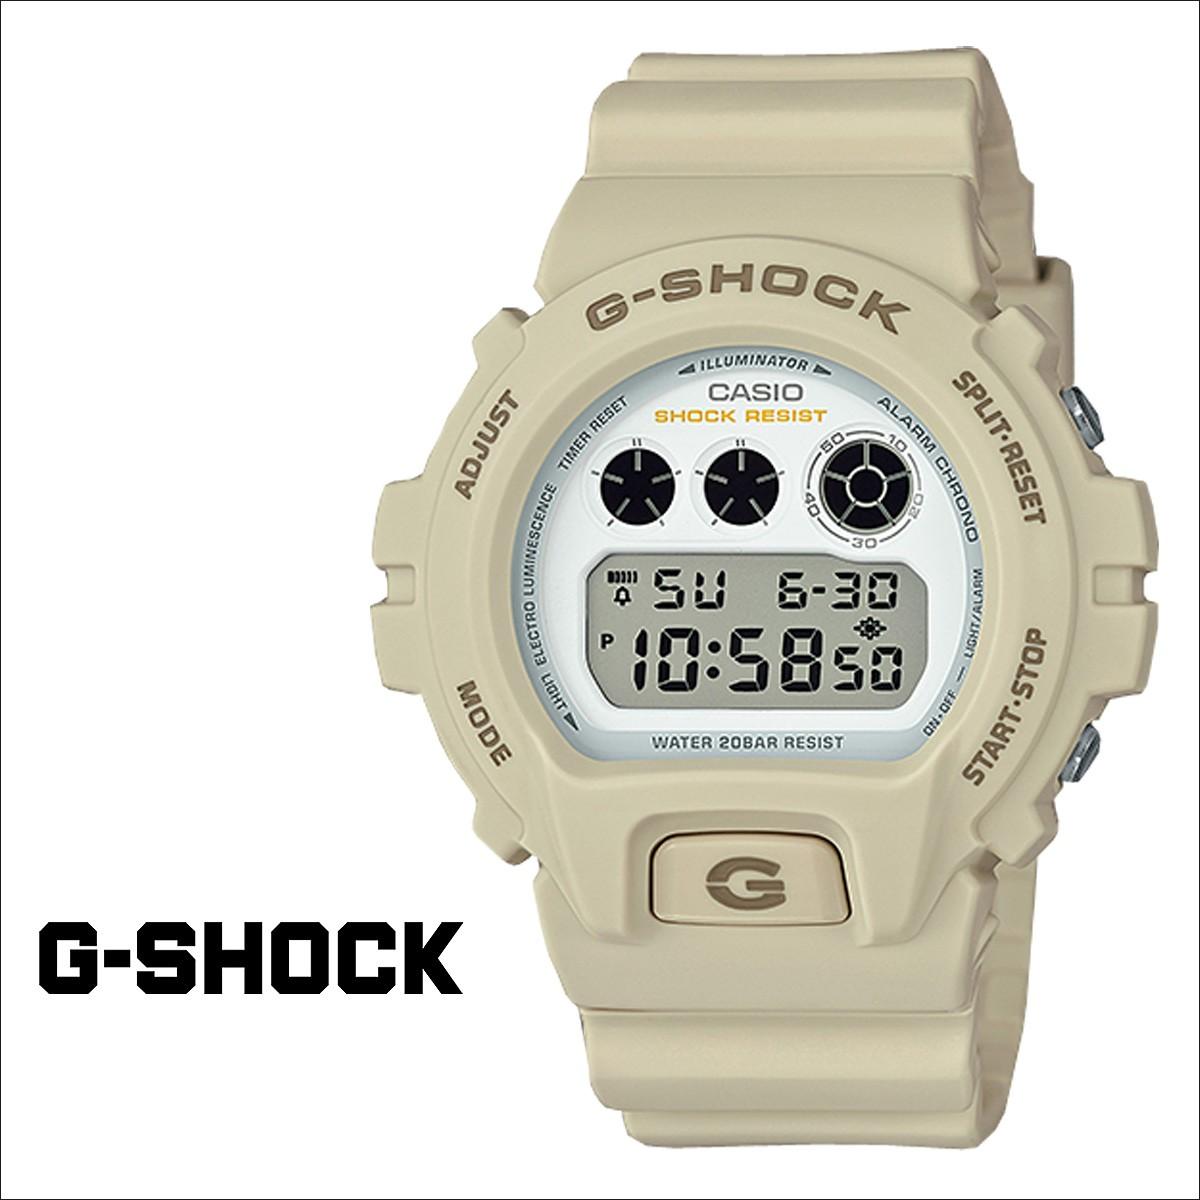 カシオ CASIO G-SHOCK 腕時計 DW-6900EW-7JF ジーショック Gショック G-ショック メンズ [1/12 再入荷]